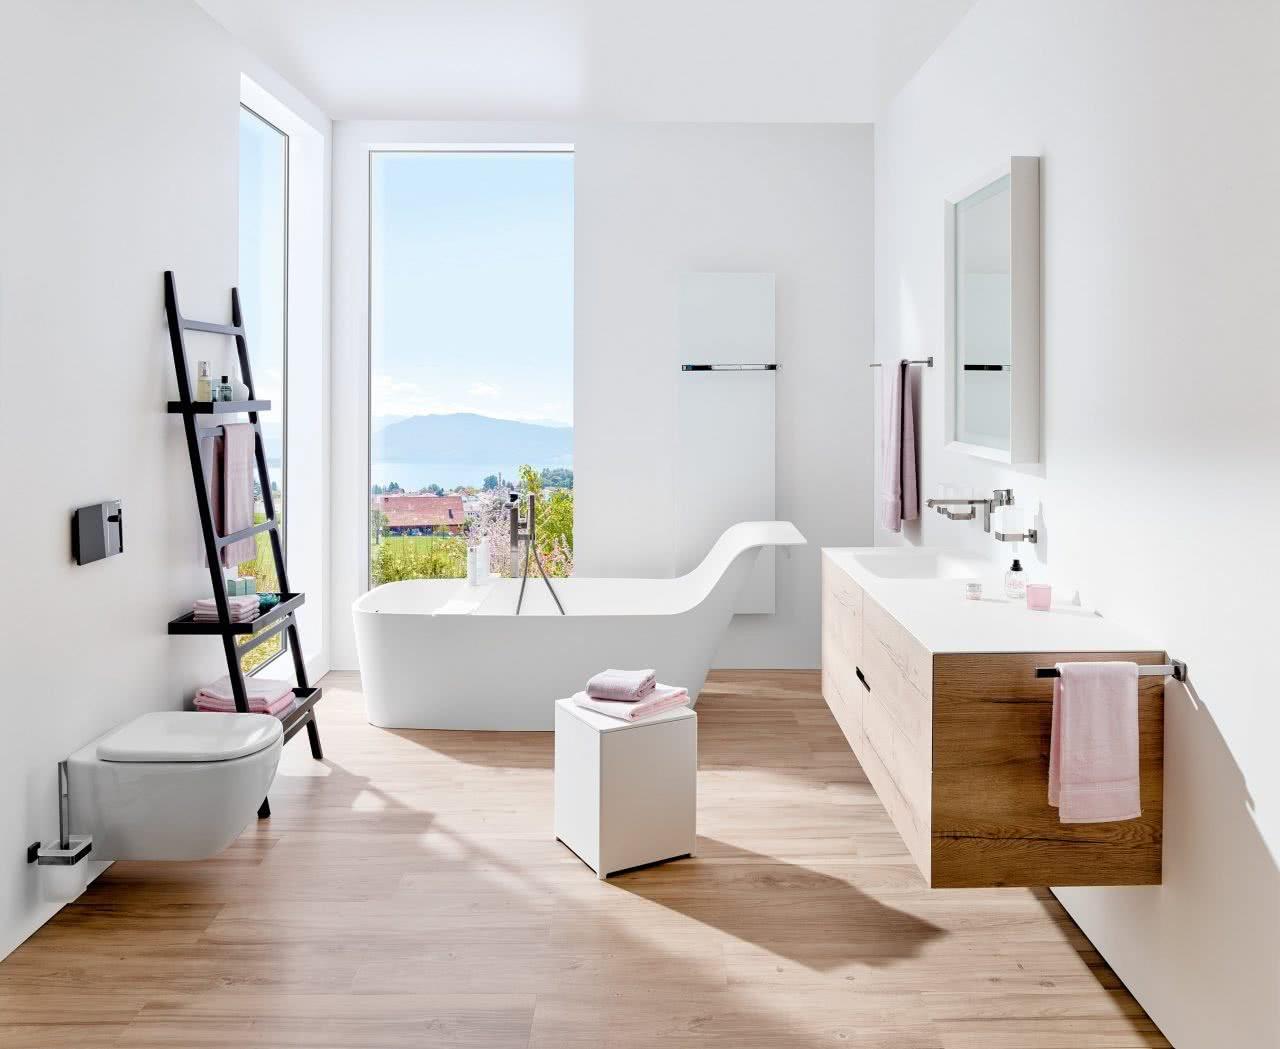 Badezimmer Badewelten Extravaganz 01